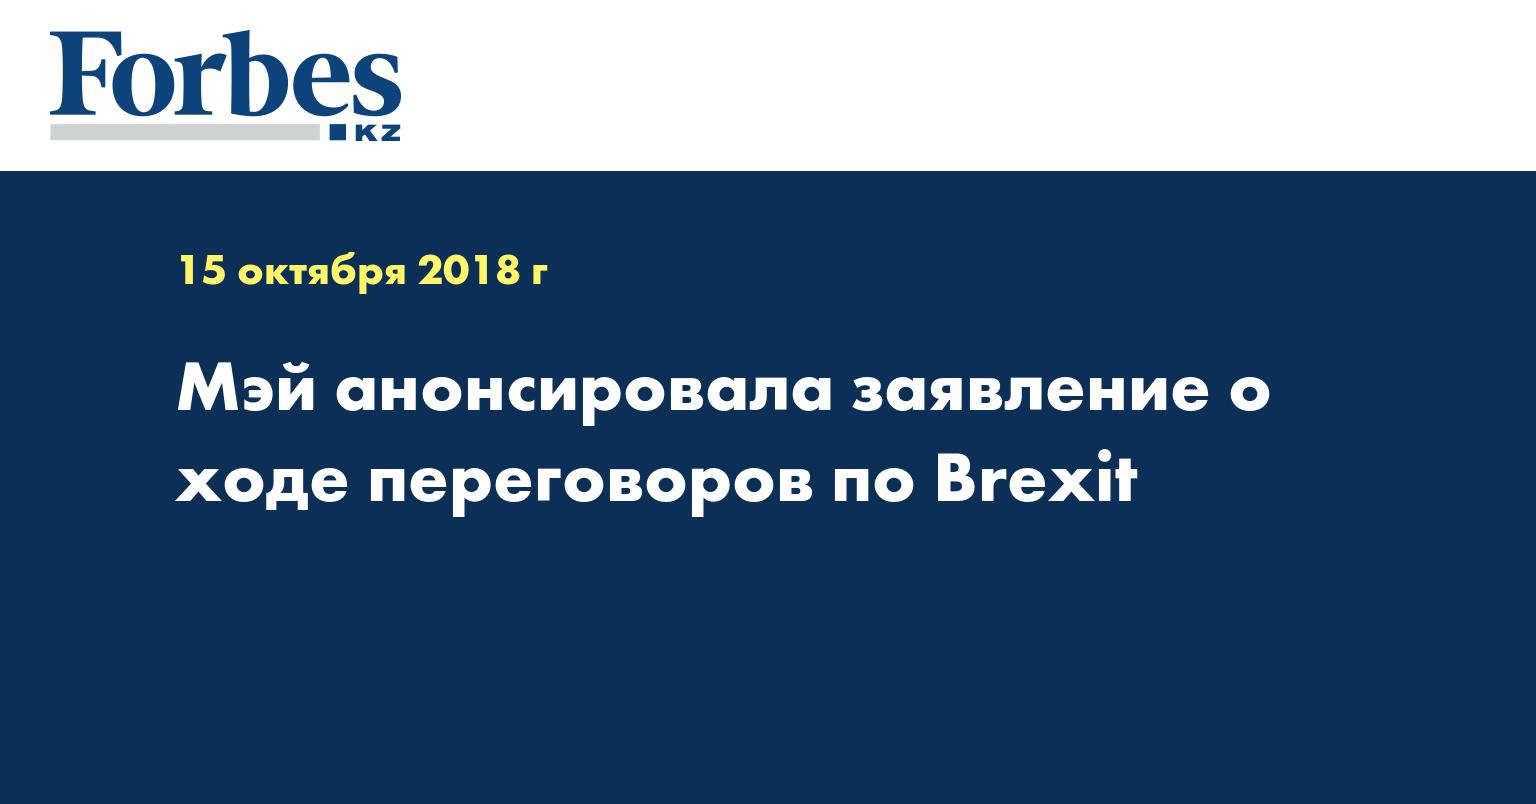 Мэй анонсировала заявление о ходе переговоров по Brexit